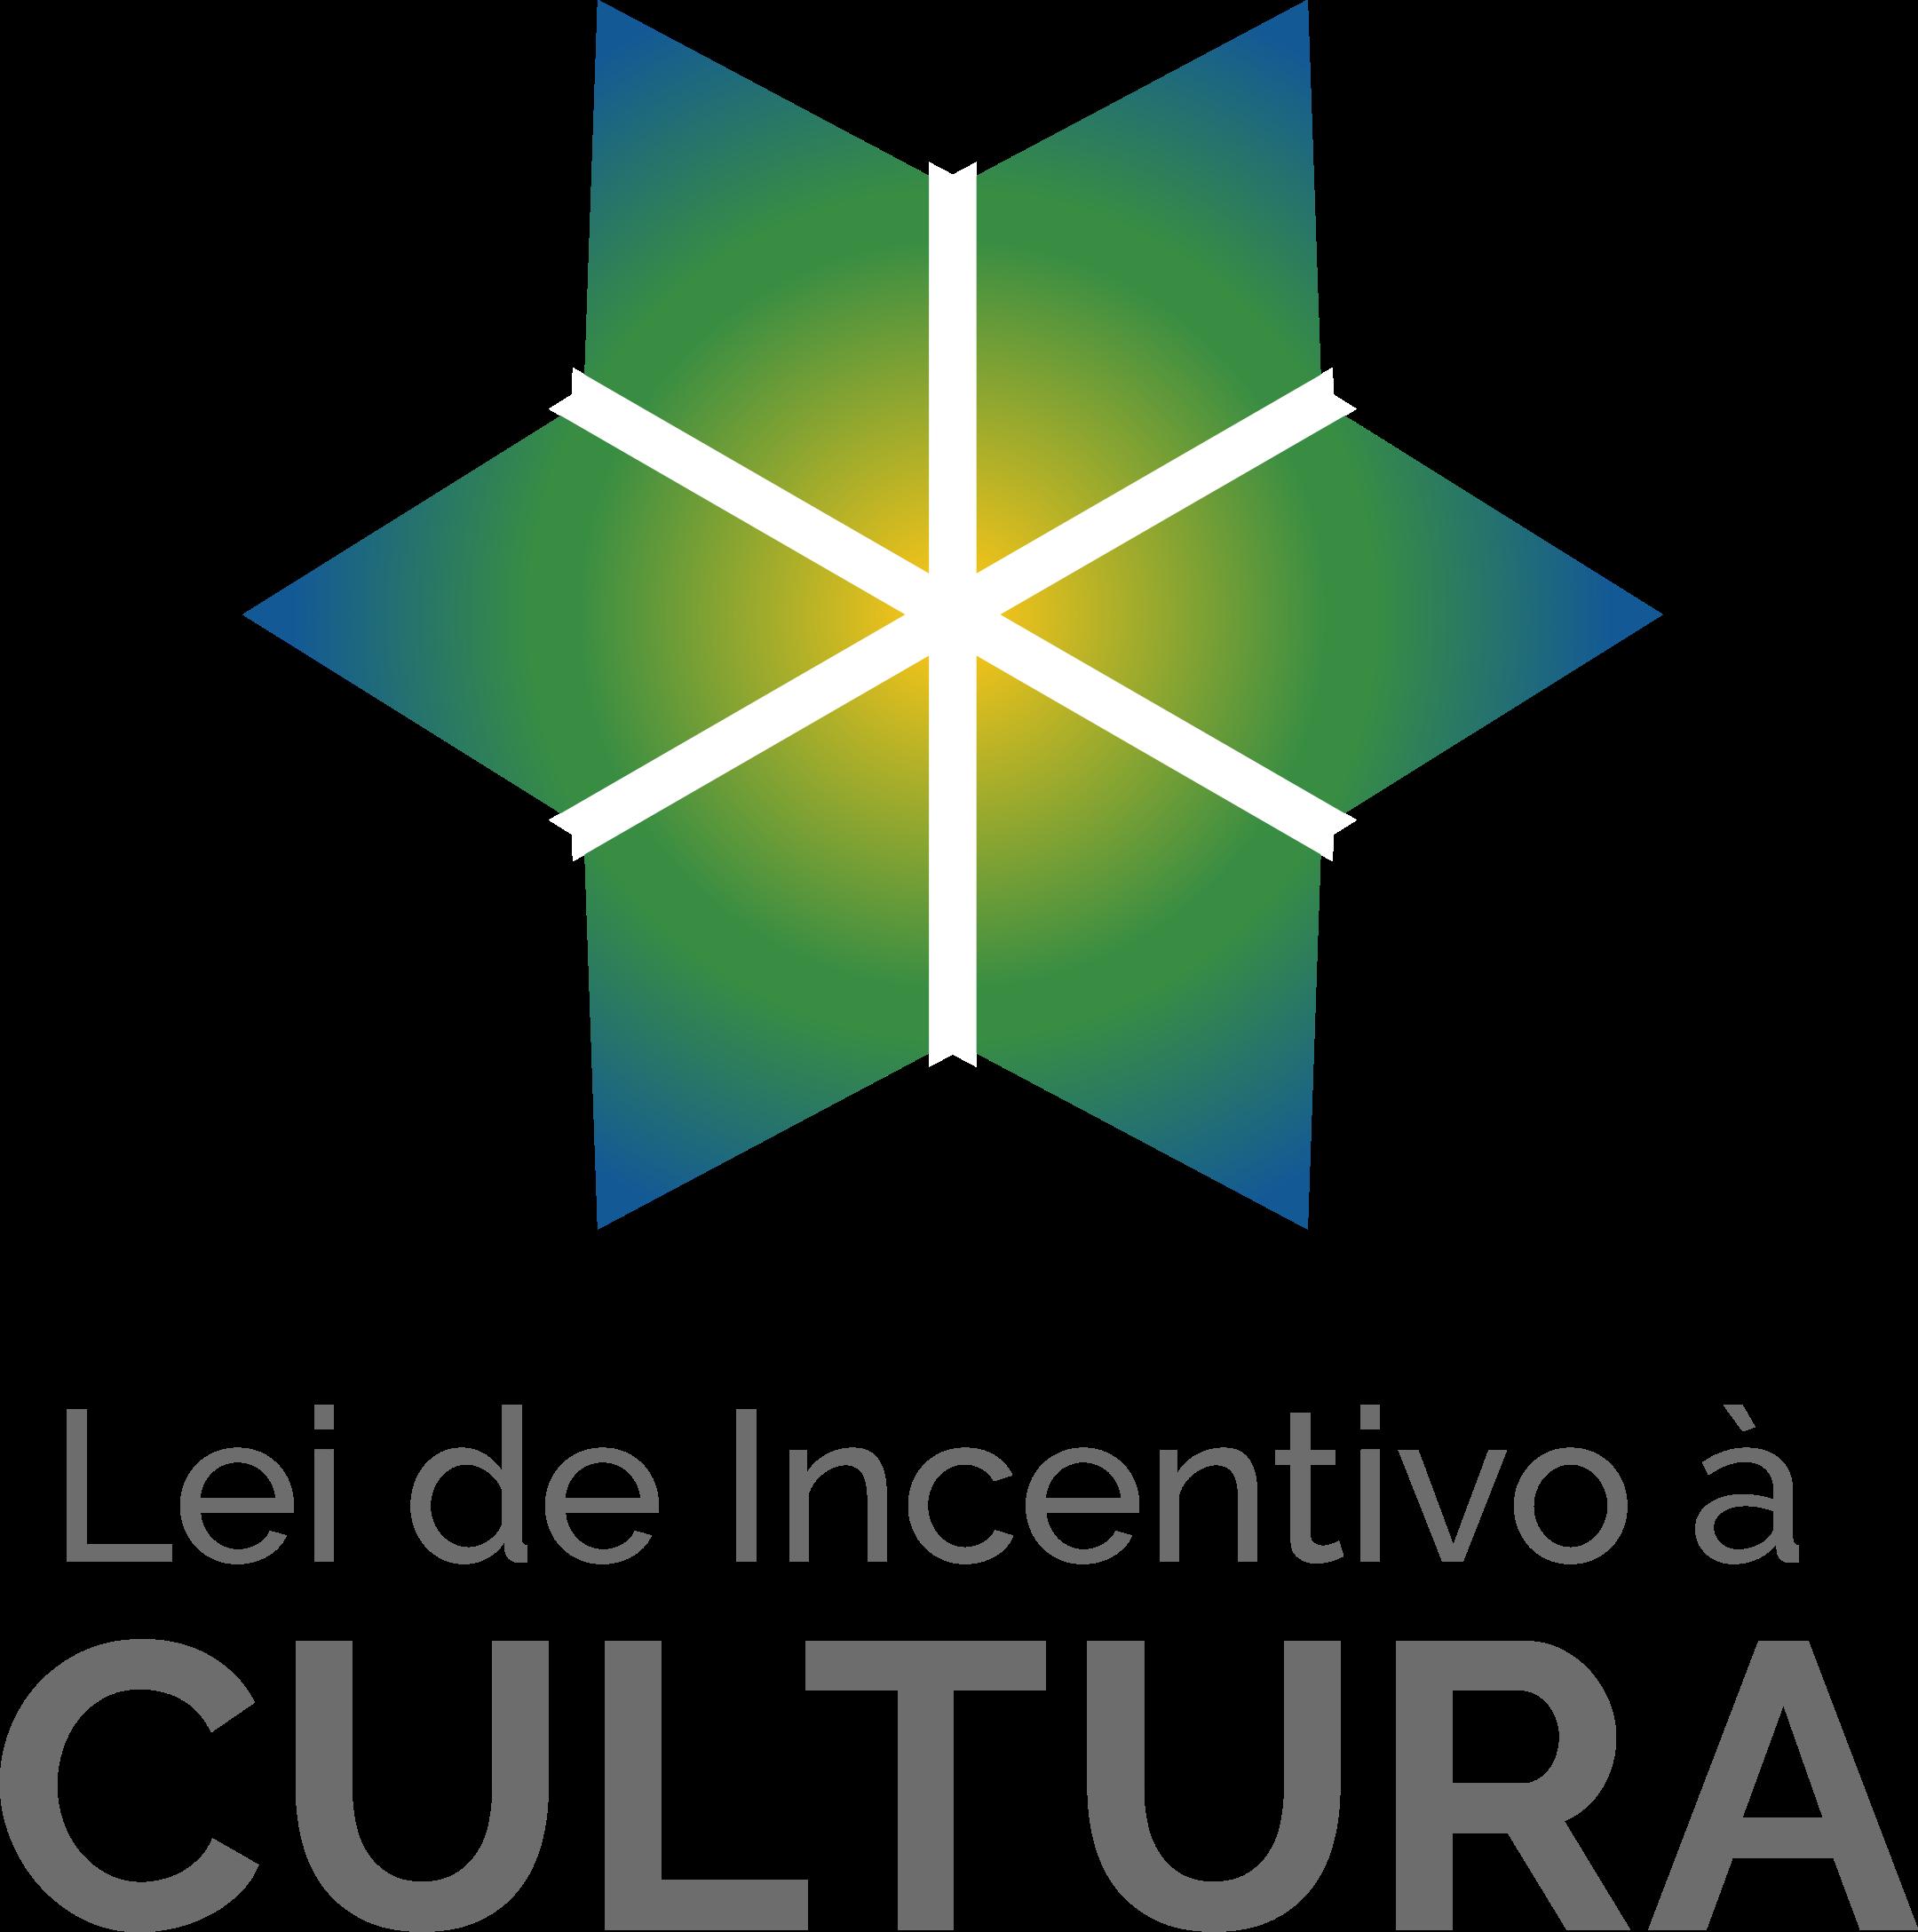 lei de incentivo a cultura logo 1 1 - Lei de incentivo à cultura Logo